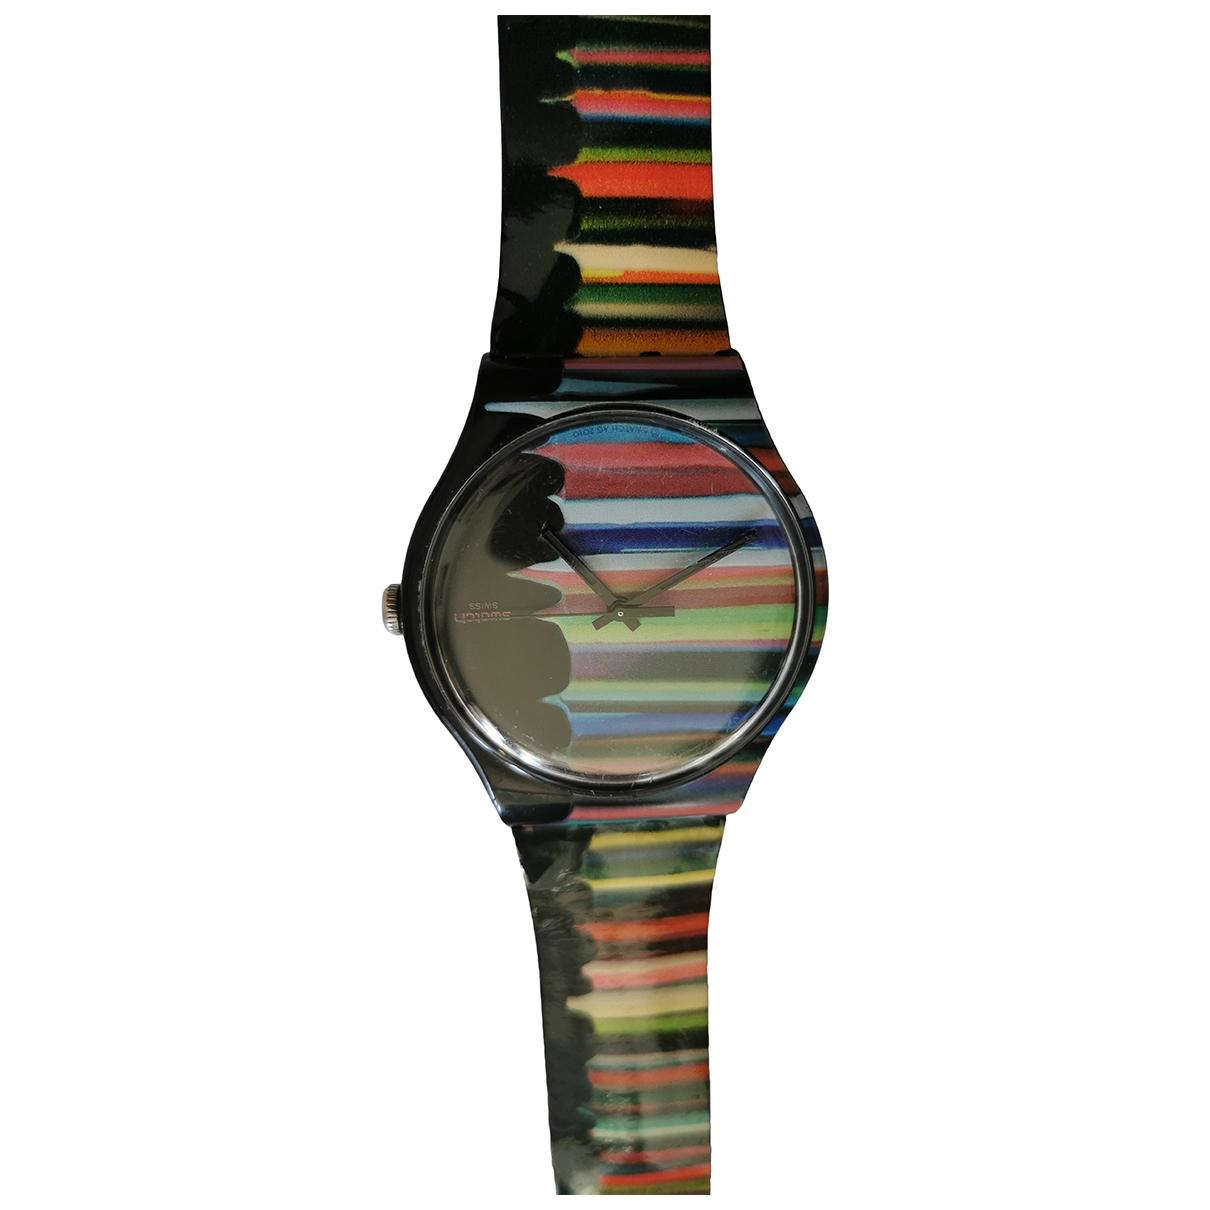 Swatch - Montre   pour homme en caoutchouc - multicolore